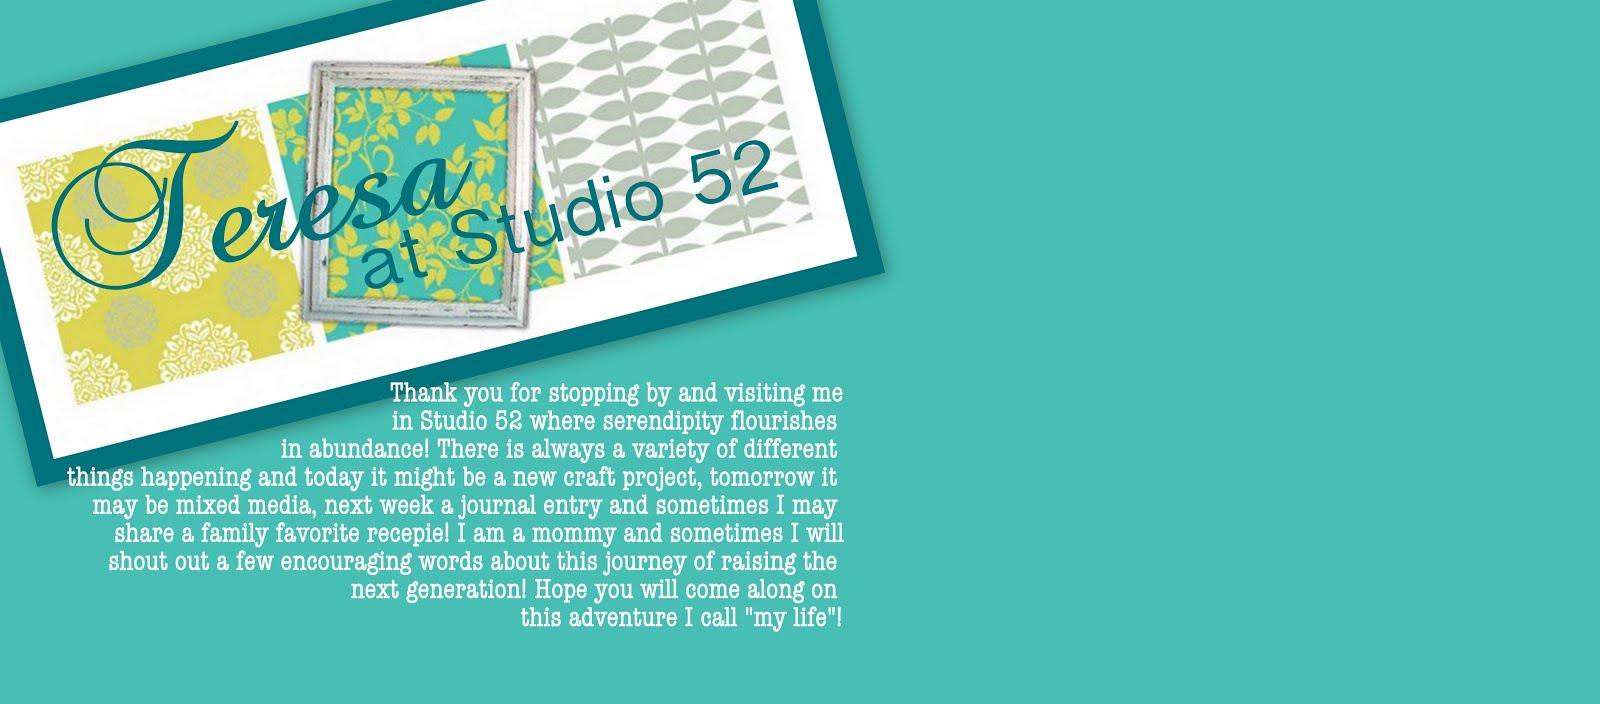 Teresa at Studio 52